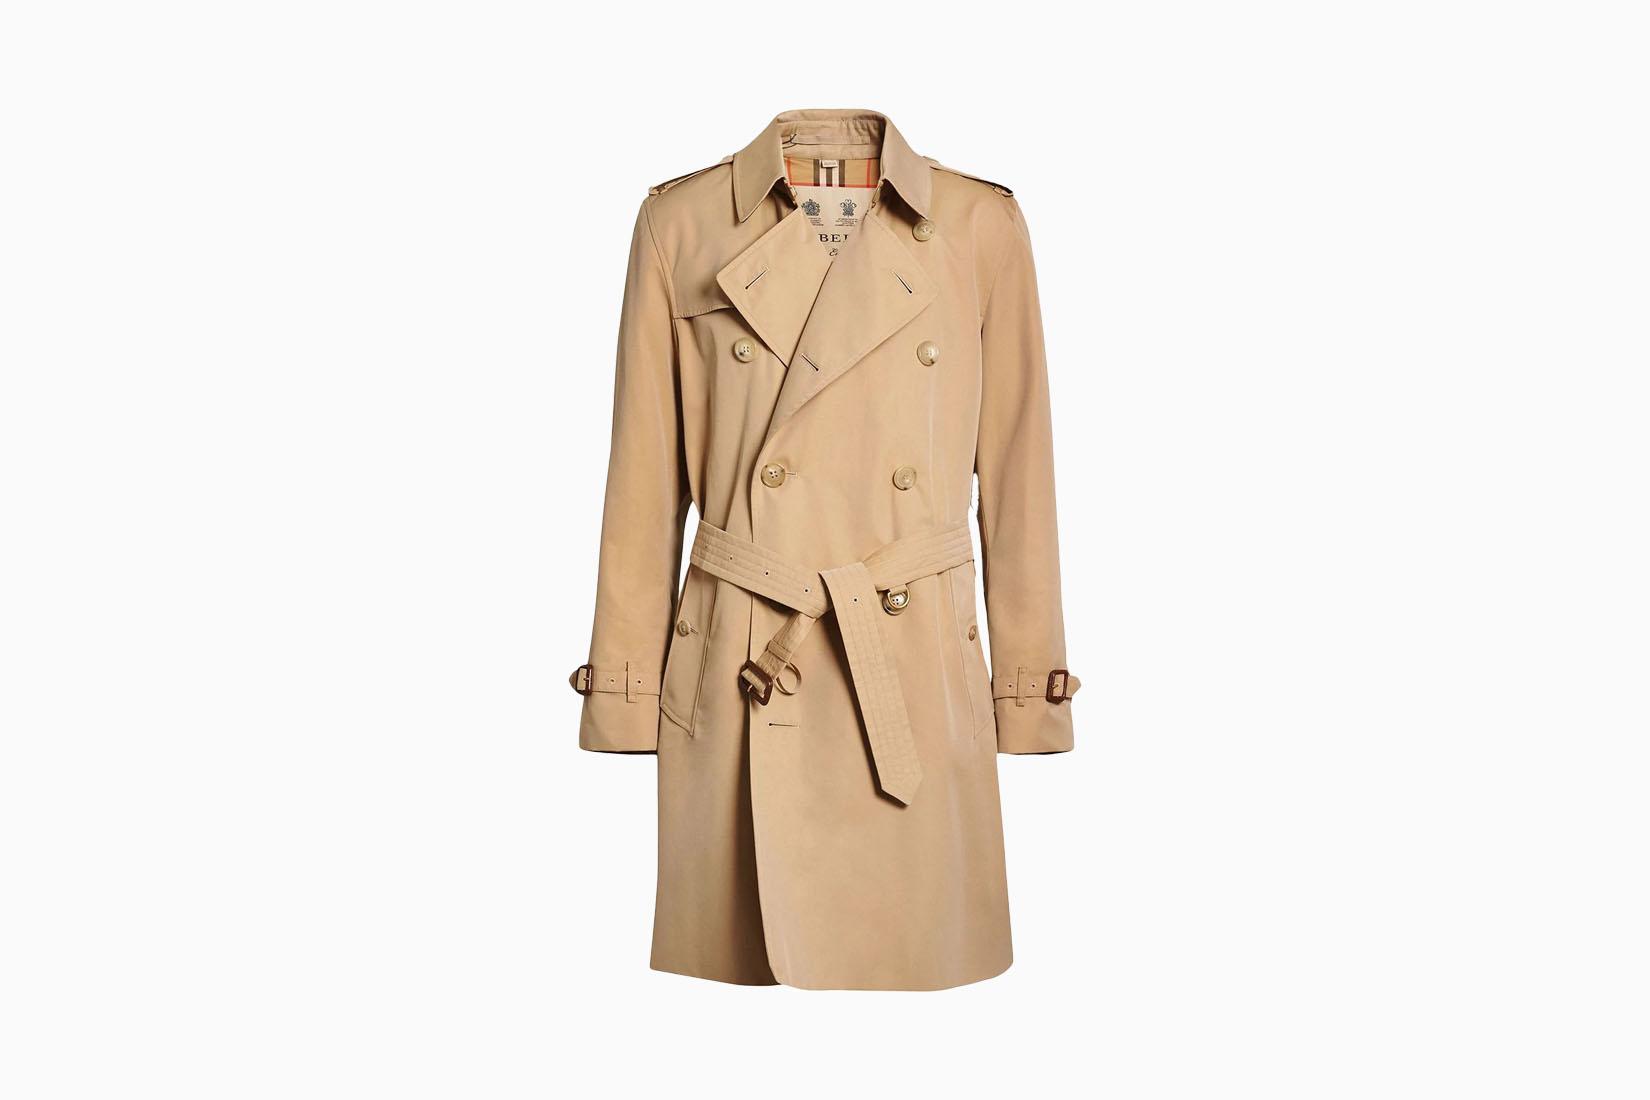 best men trench coats burberry kensington review Luxe Digital